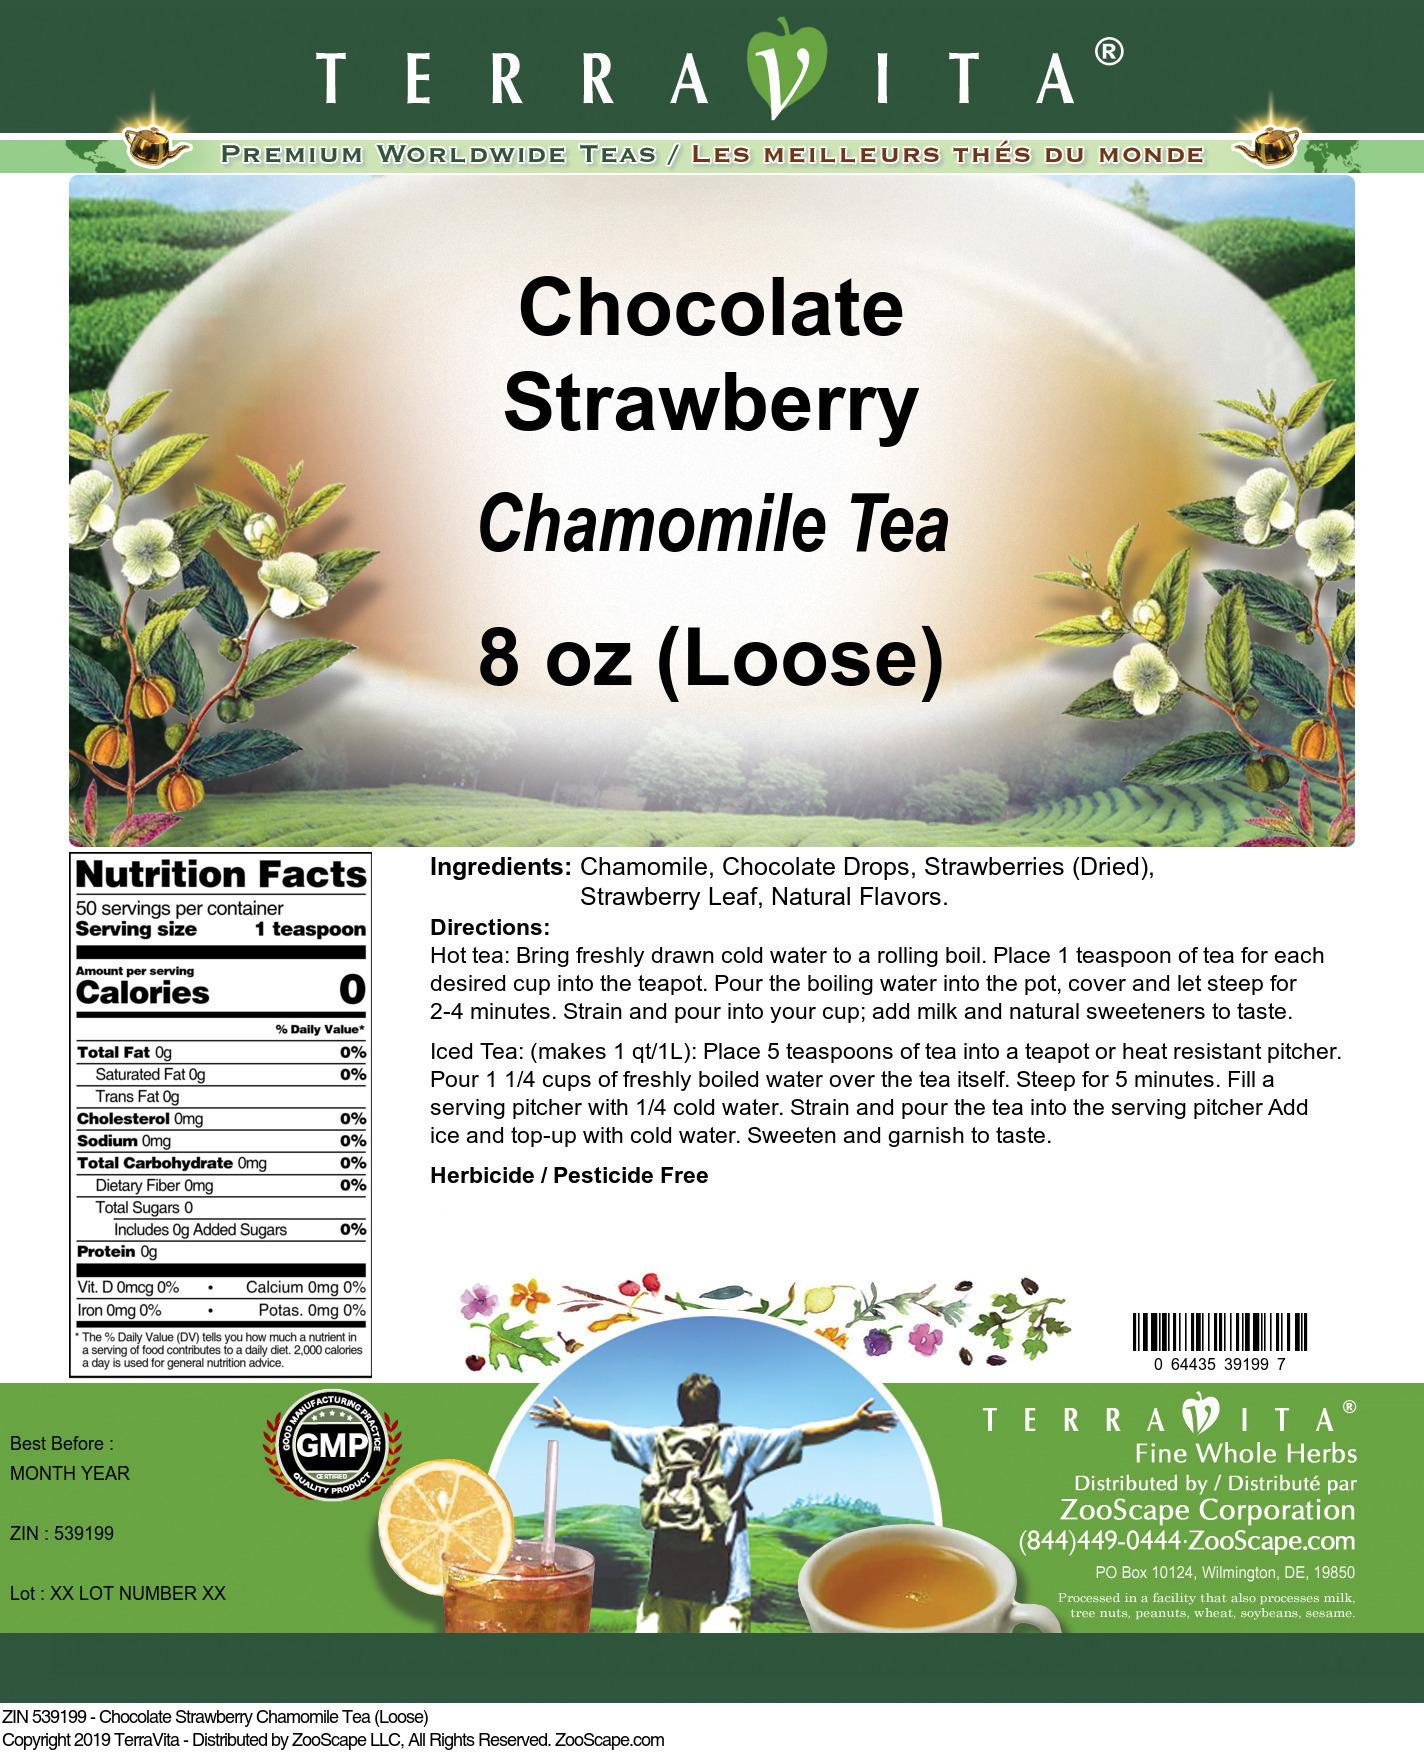 Chocolate Strawberry Chamomile Tea